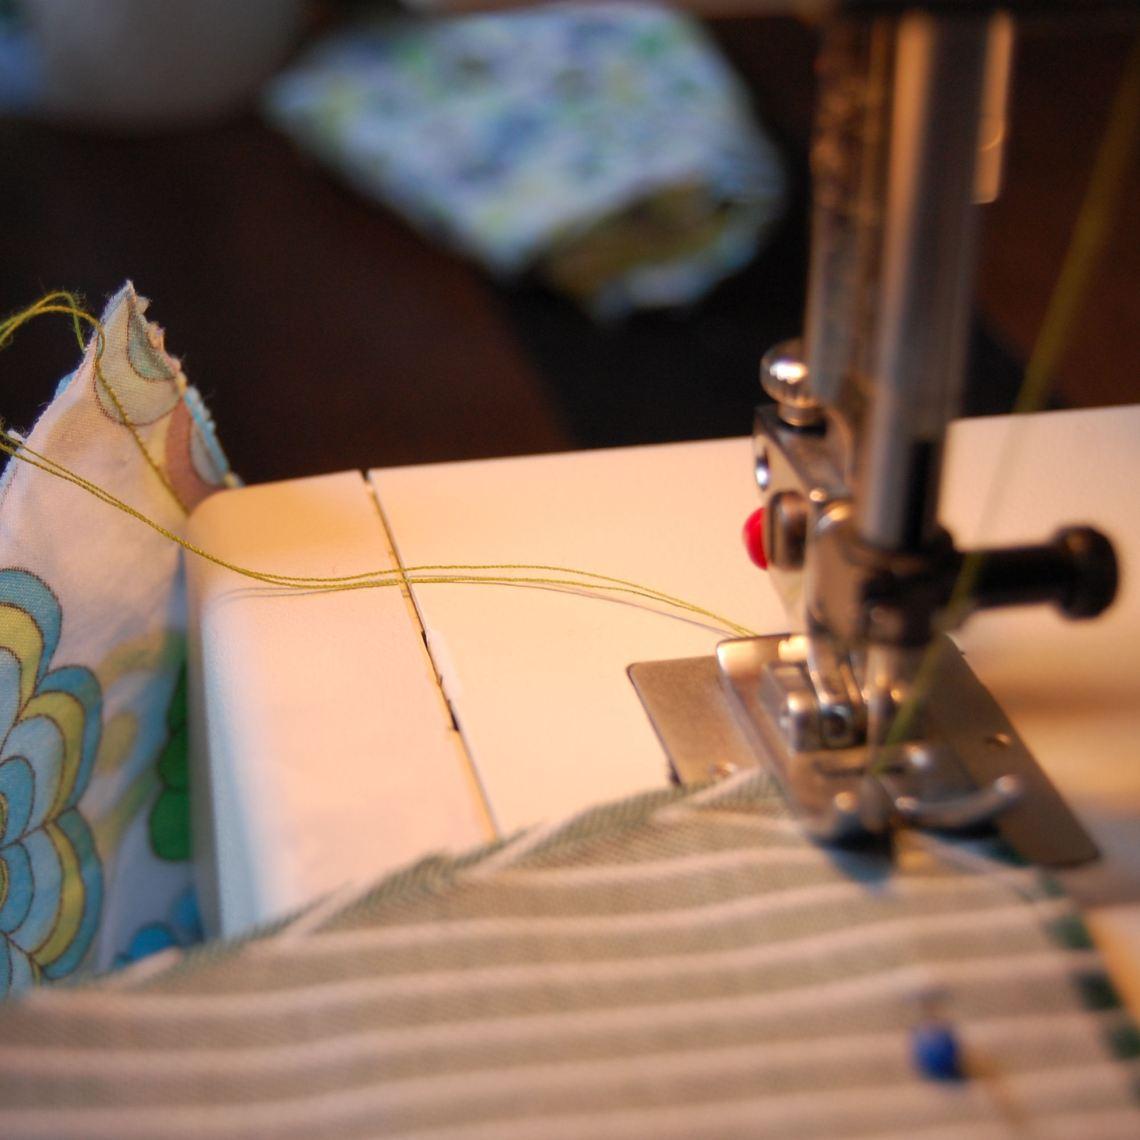 ga daarna gewoon verder met naaien door studio paars